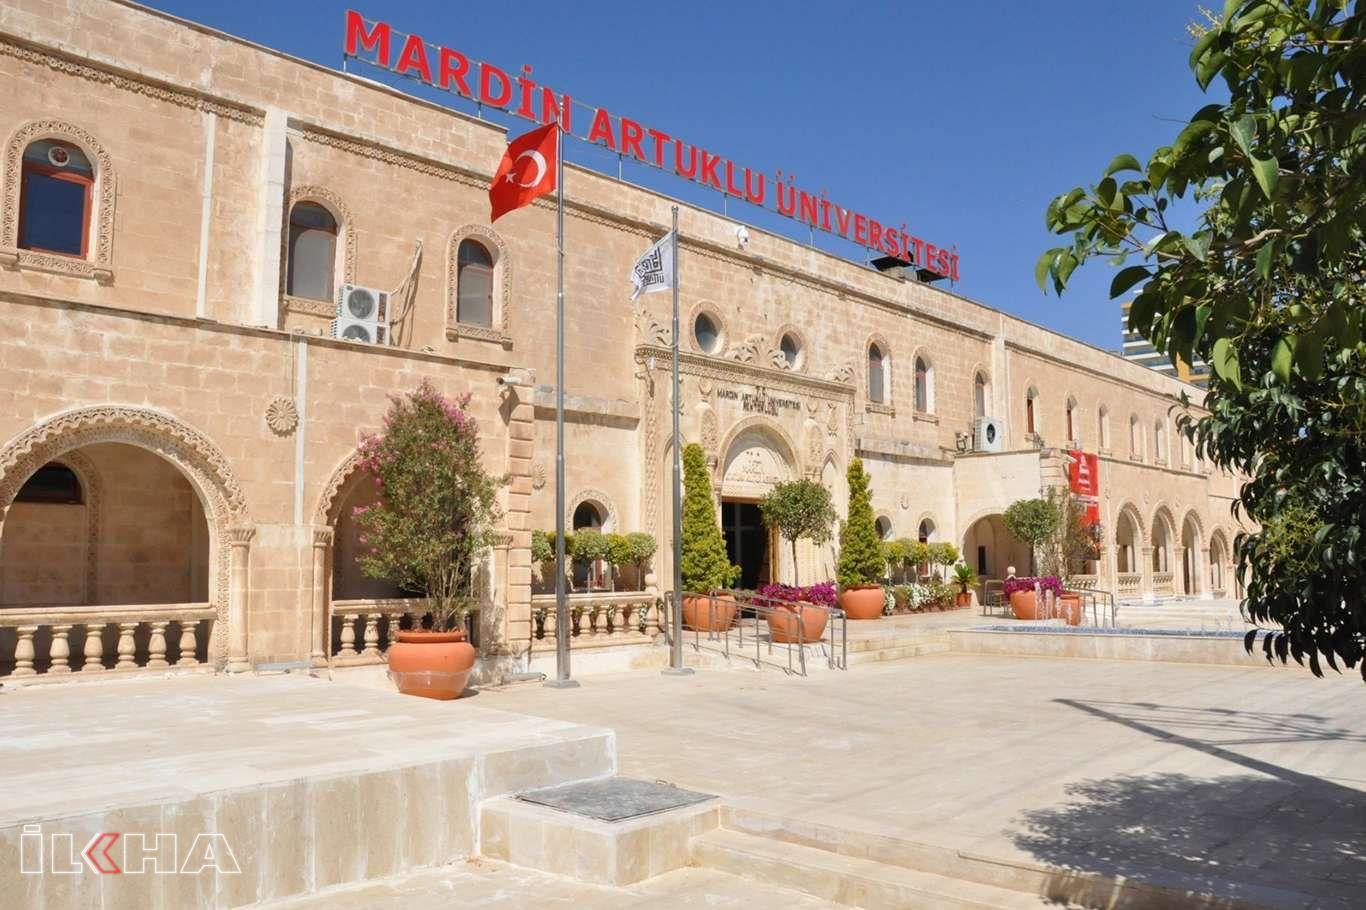 """Mardin Artuklu Üniversitesi """"Yenilenebilir Enerji Çalıştayı"""" düzenliyor"""